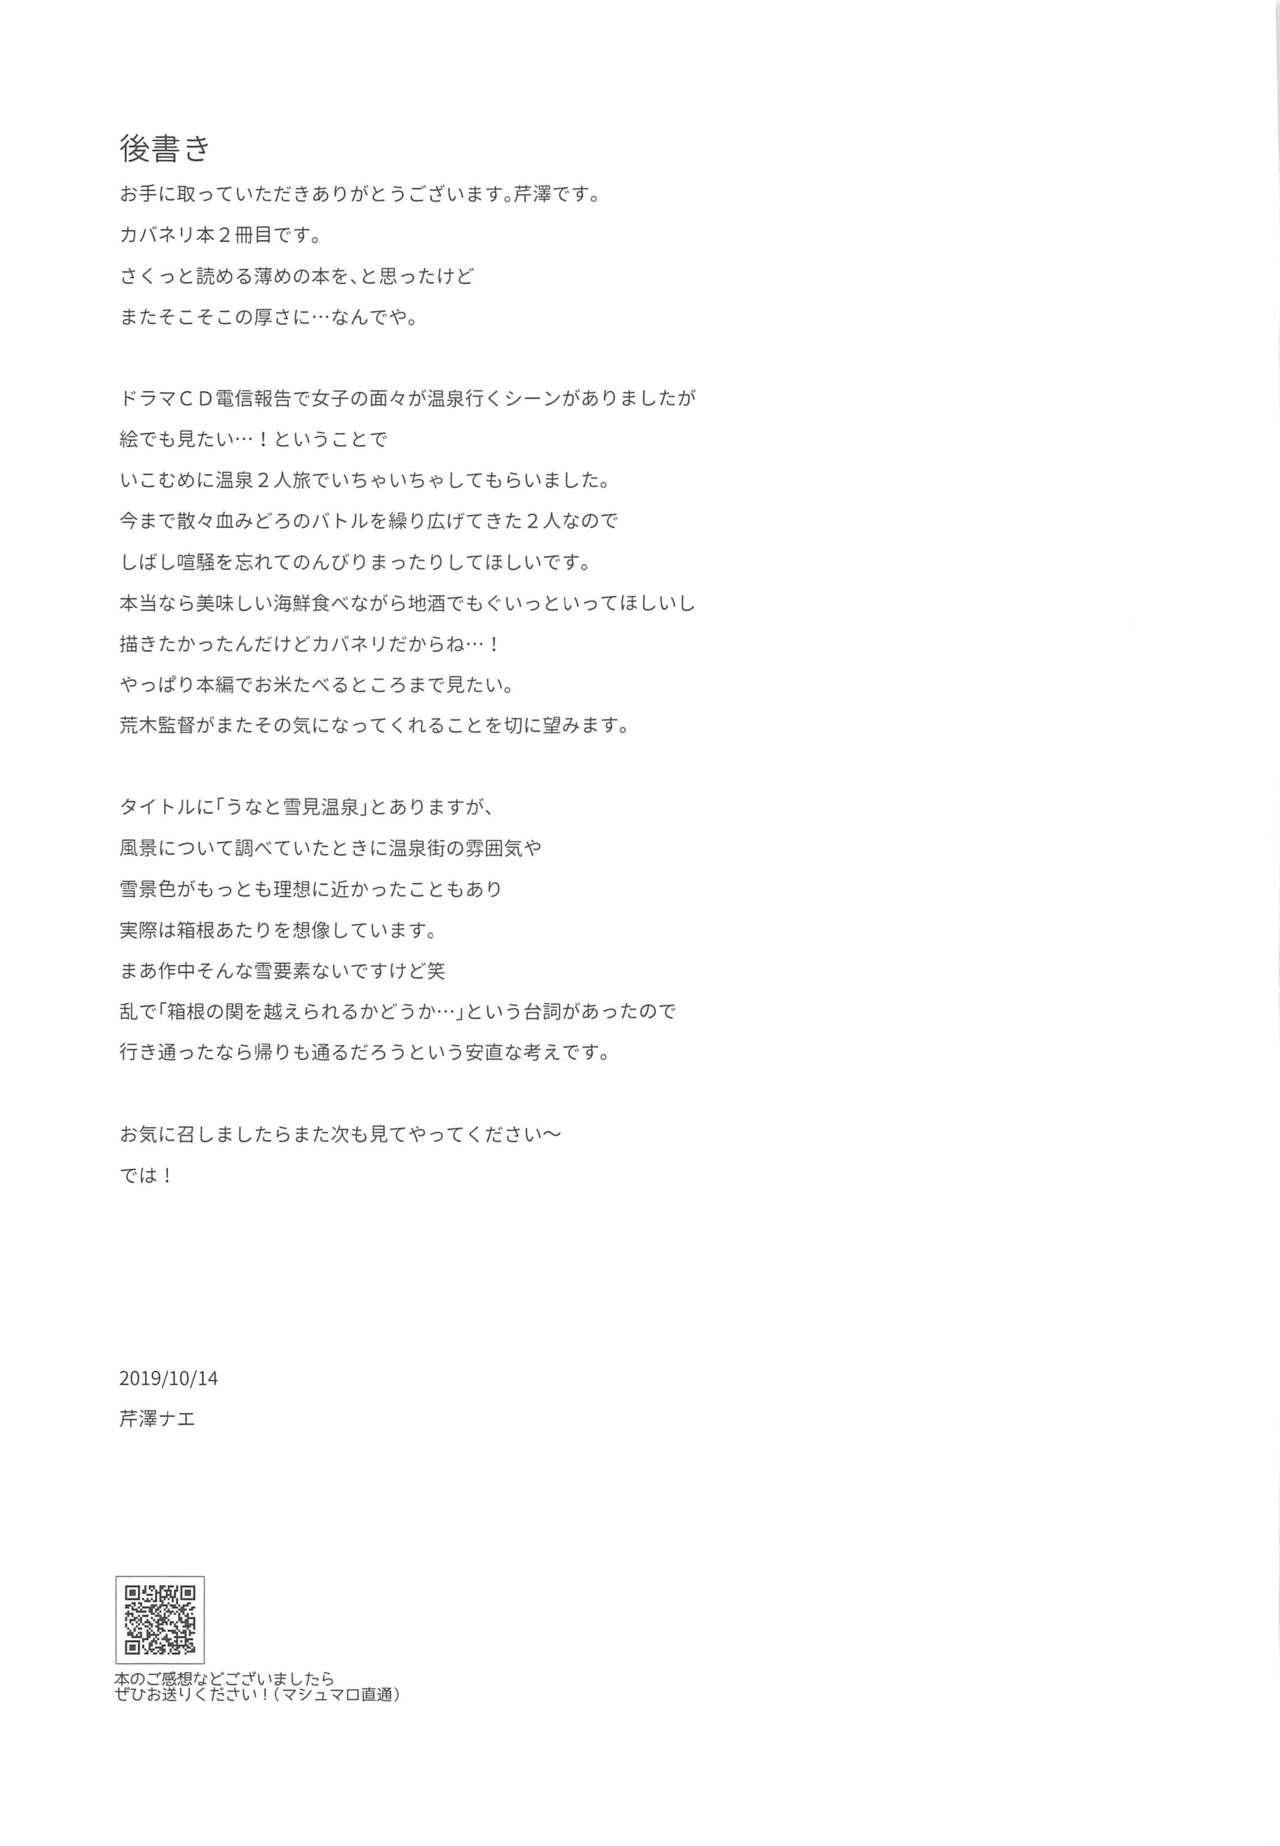 Unato Yukimi Onsen Ikomume Ichaicha Ippakufutsuka no Tabi 31